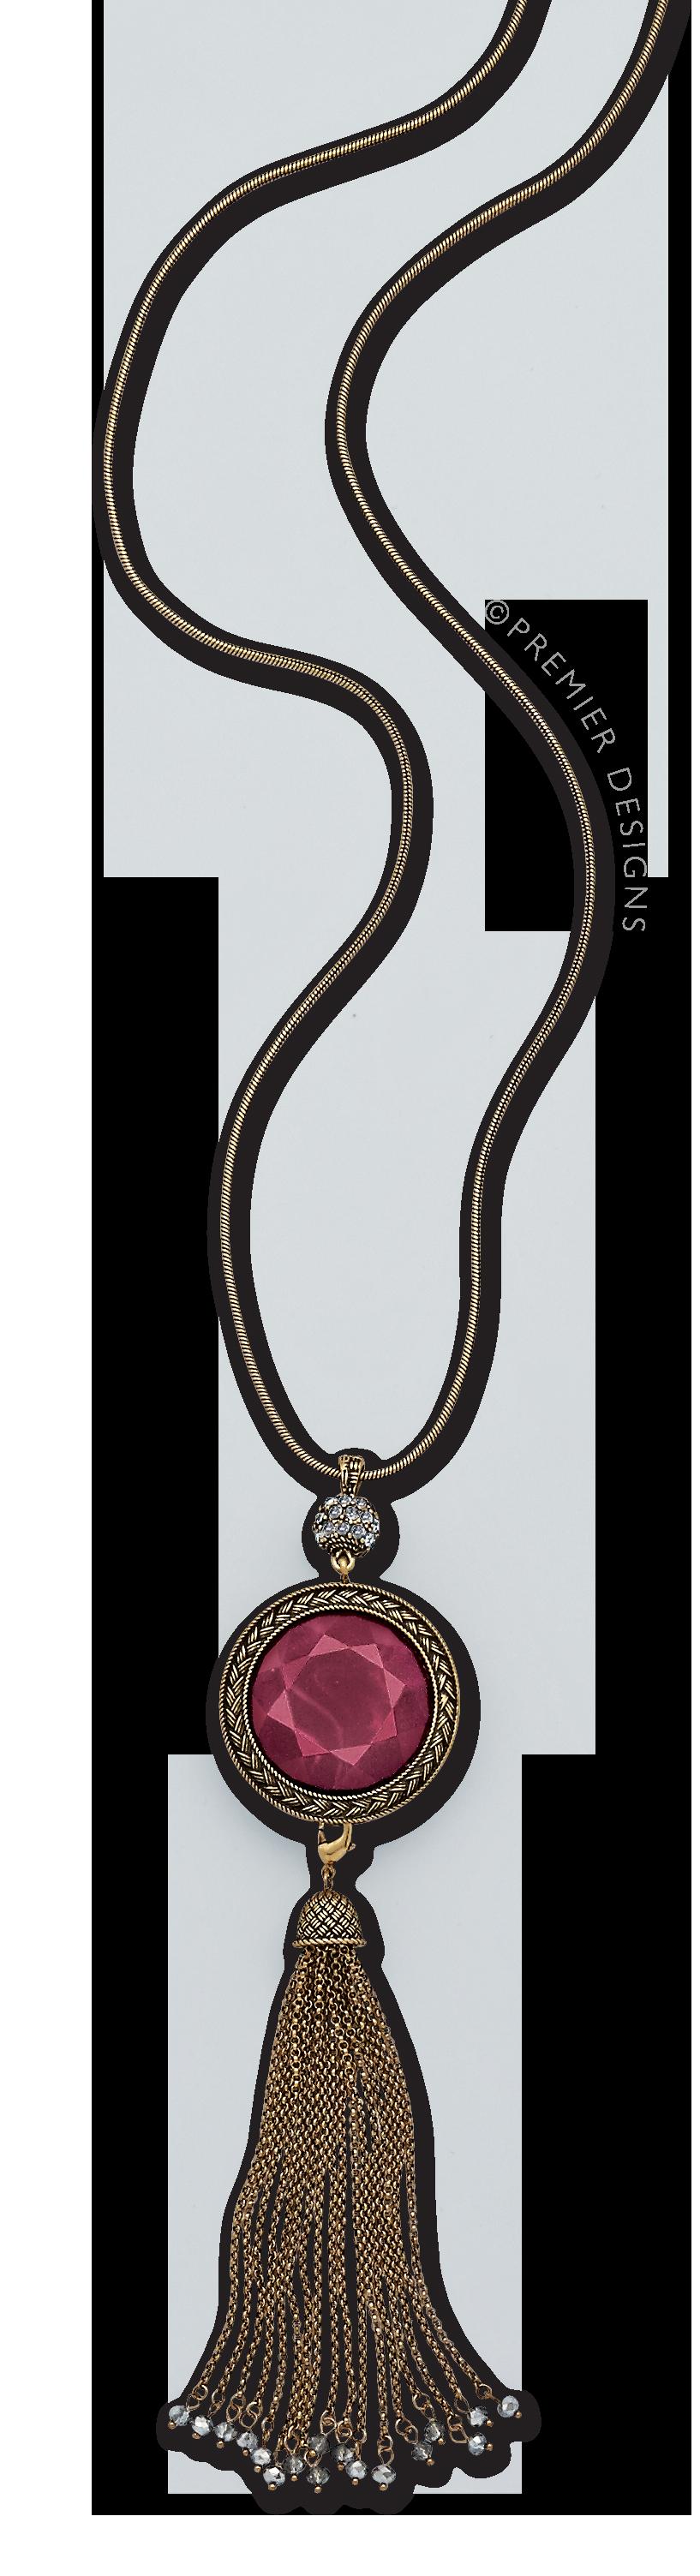 Premier Designs Jewelry 2015 - Double your fun reversible necklace 49 premier designs jewelry with kimberly ocjewelrylady hotmail